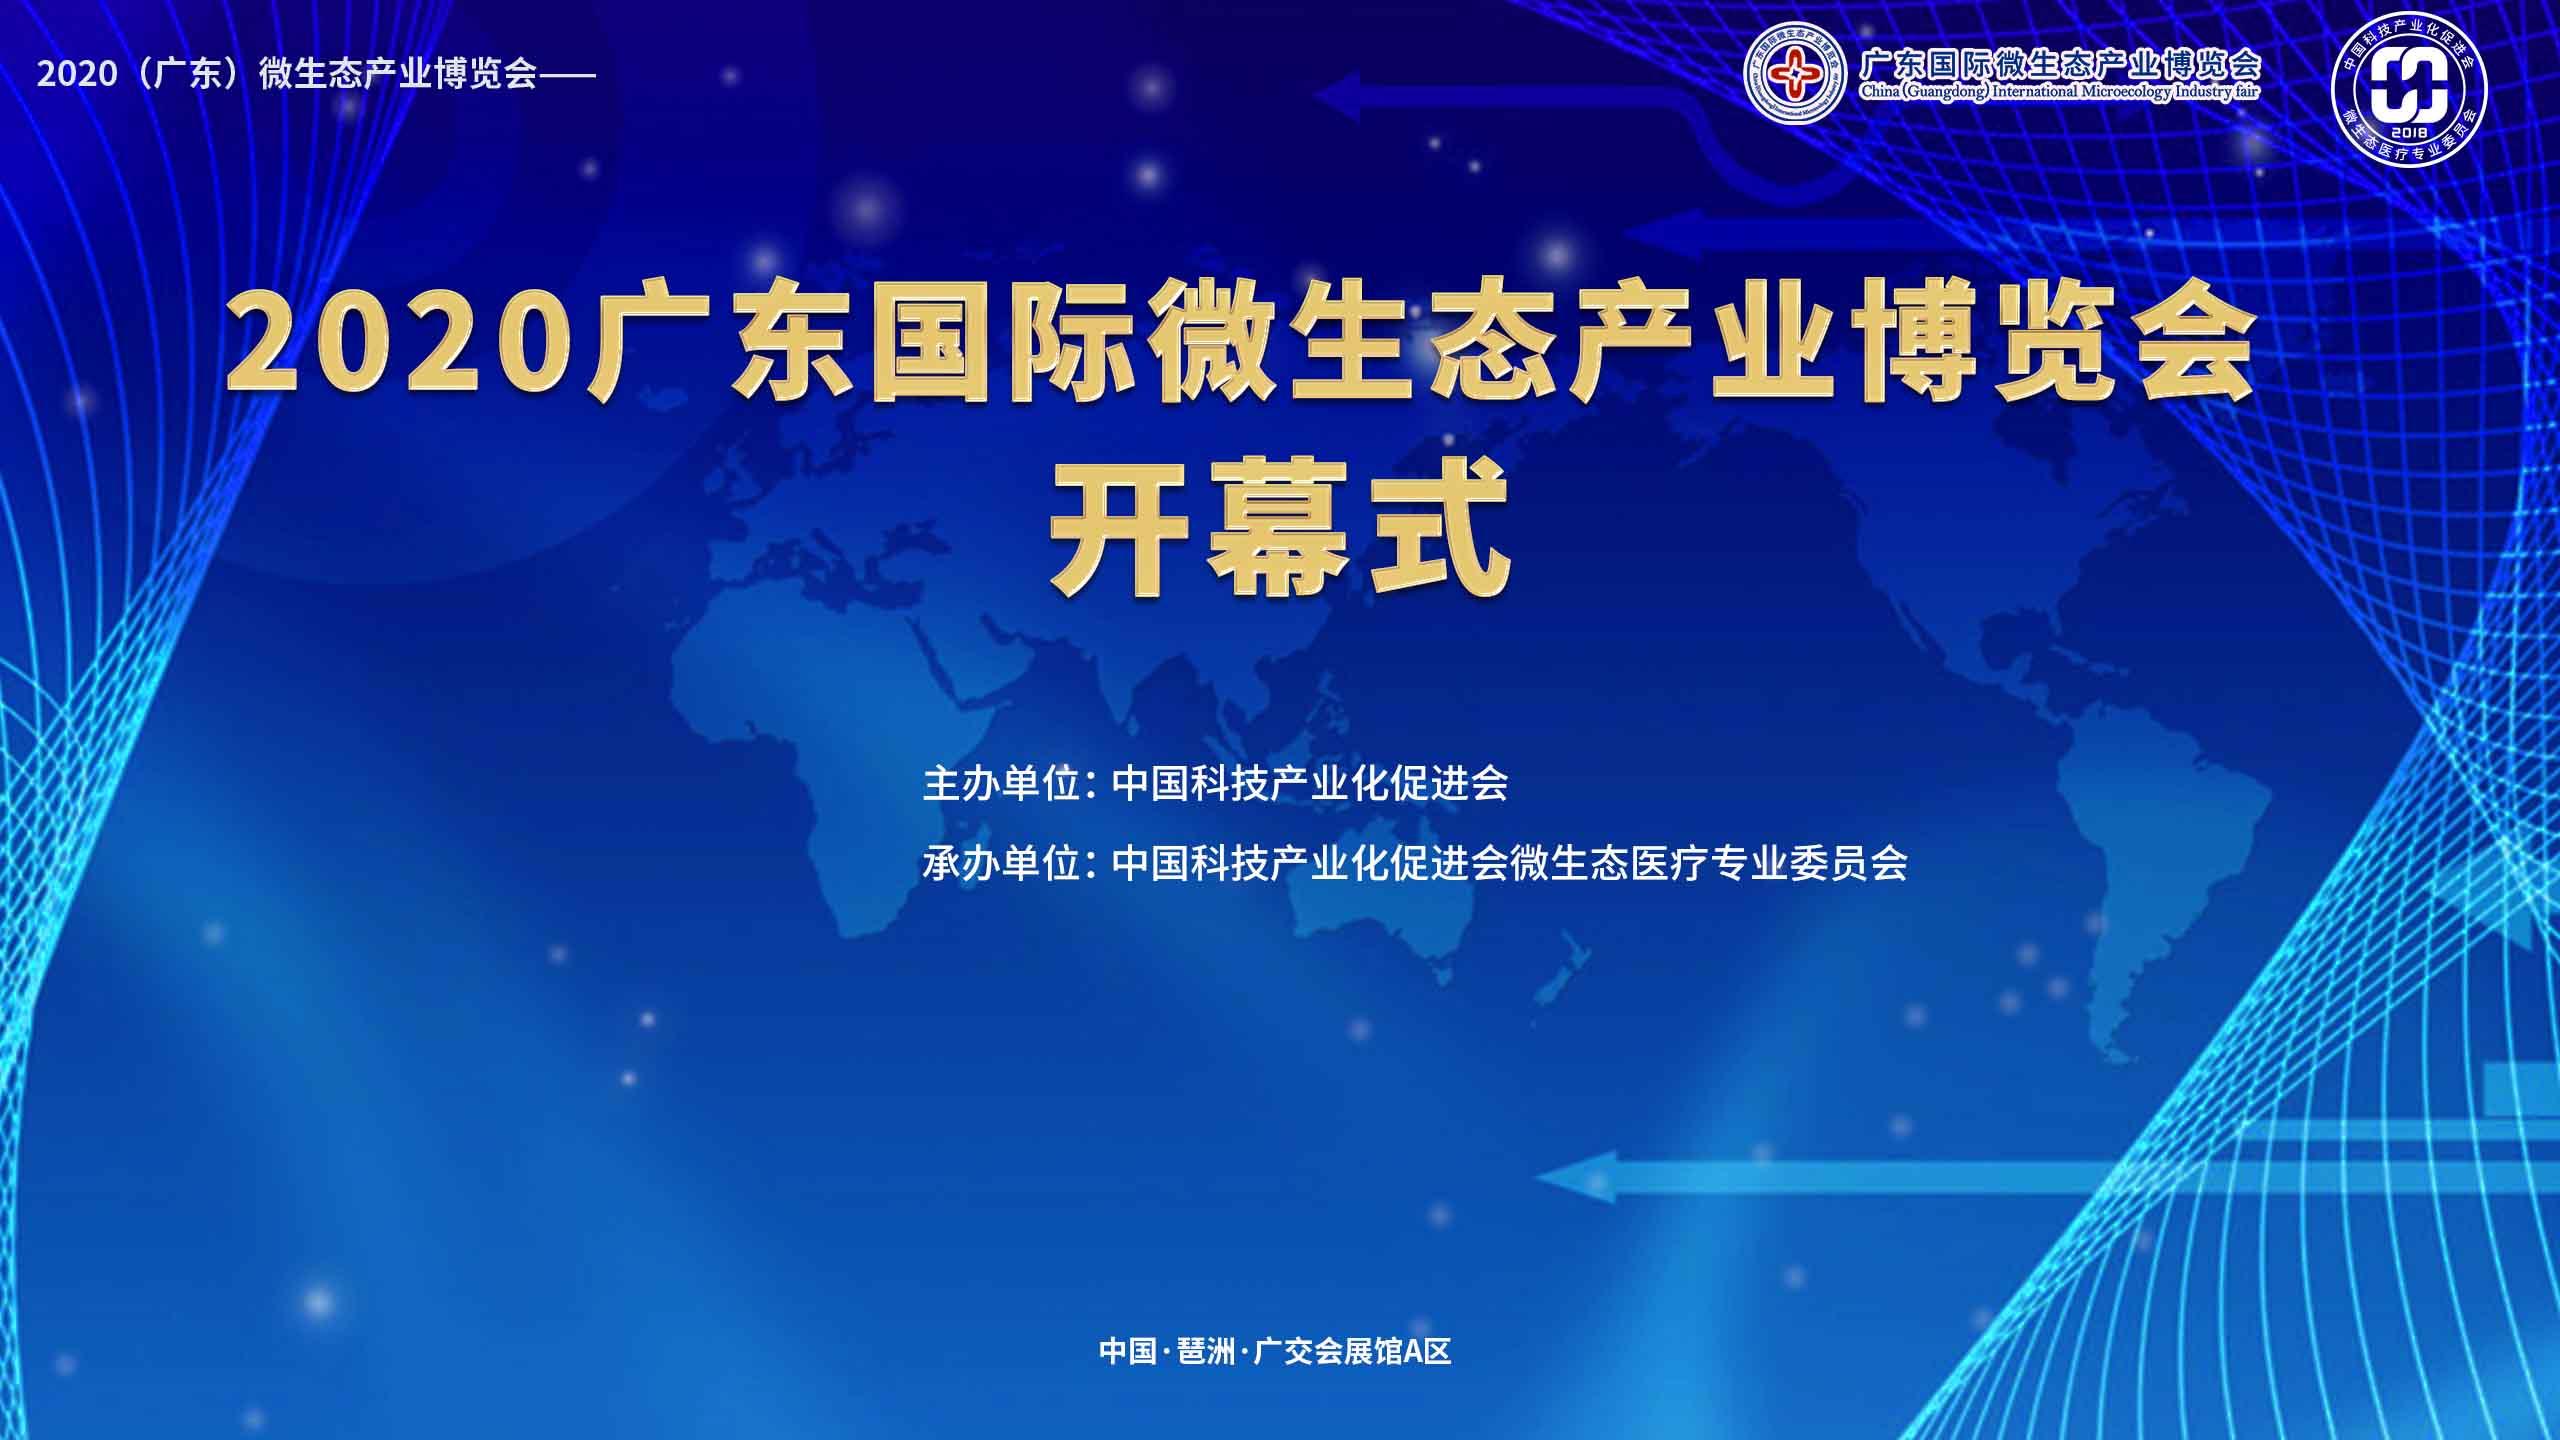 【预告】2020广东国际微生态产业博览会